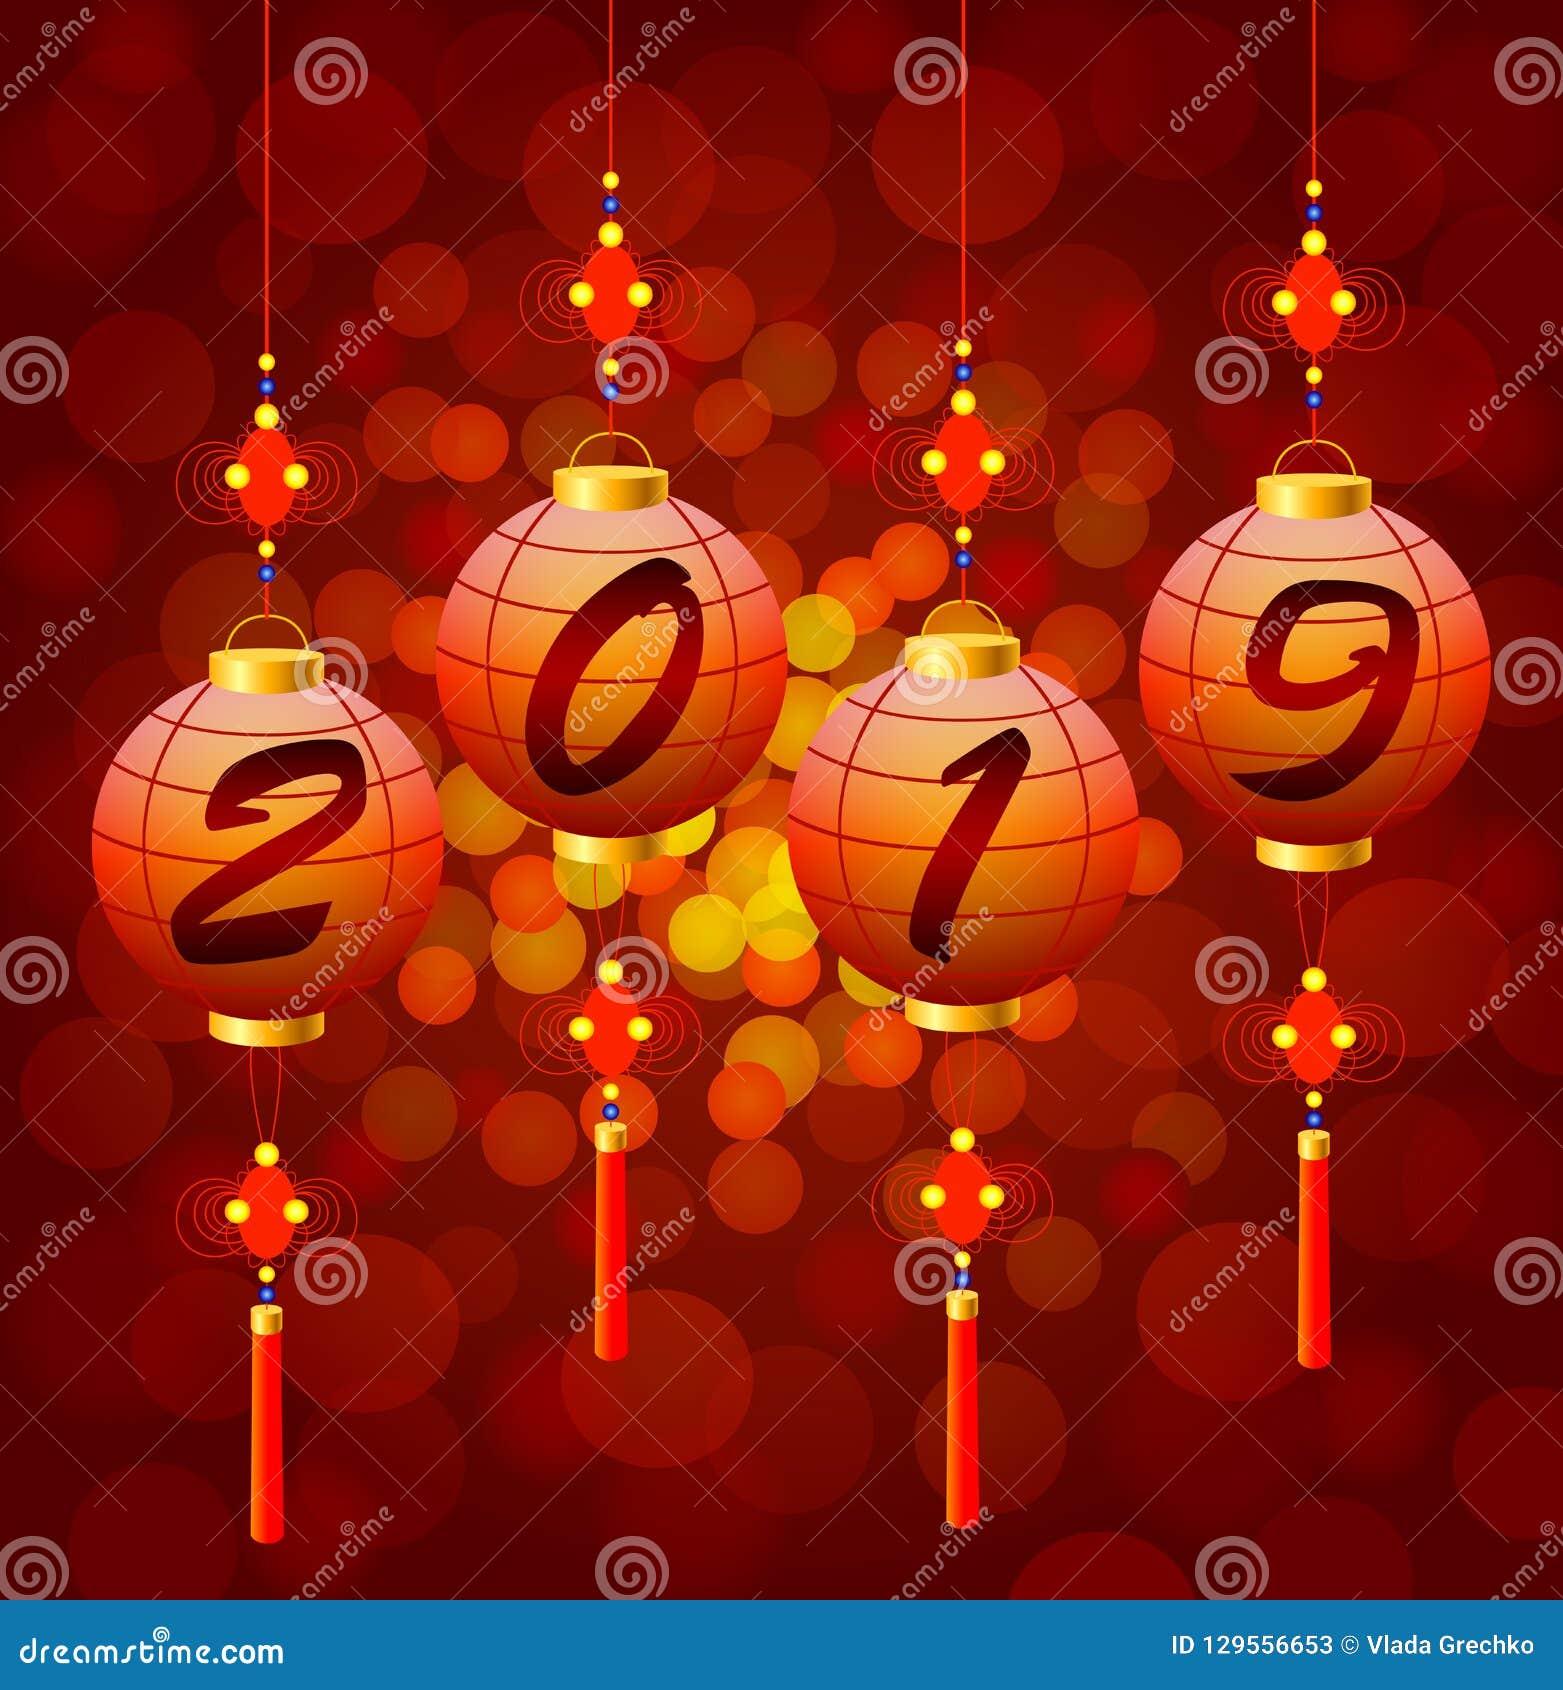 Lanternes chinoises 2019 de nouvelle année